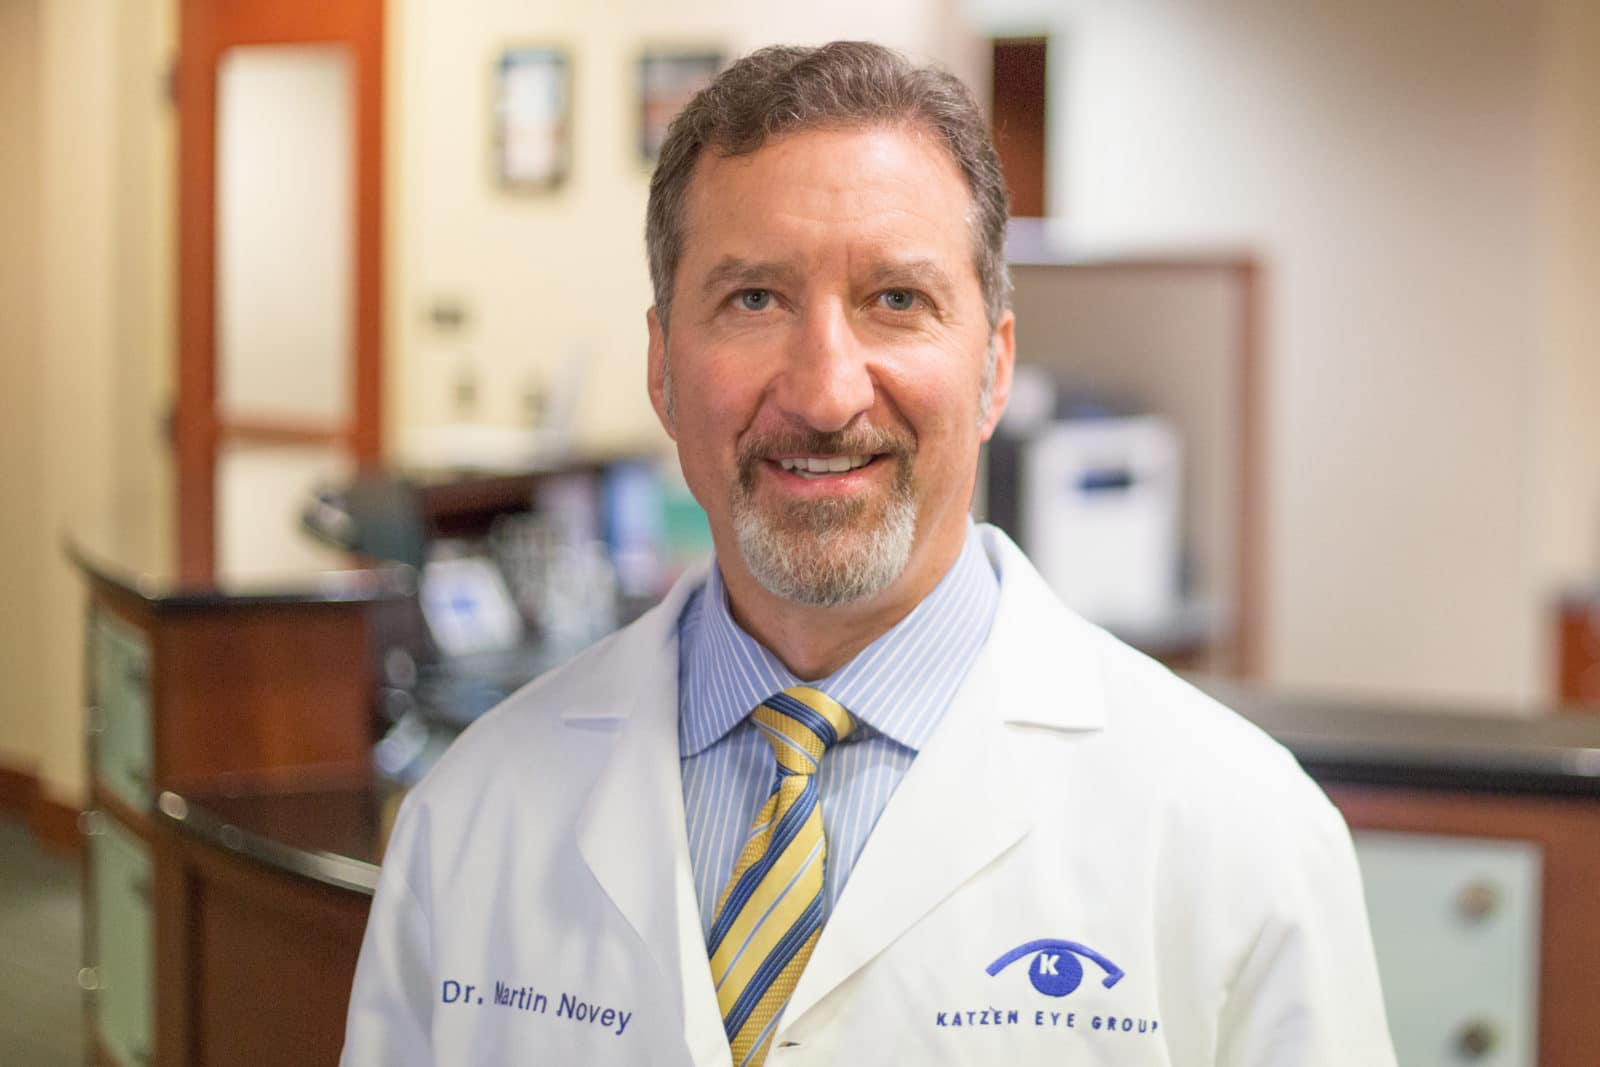 Dr. Martin Novey